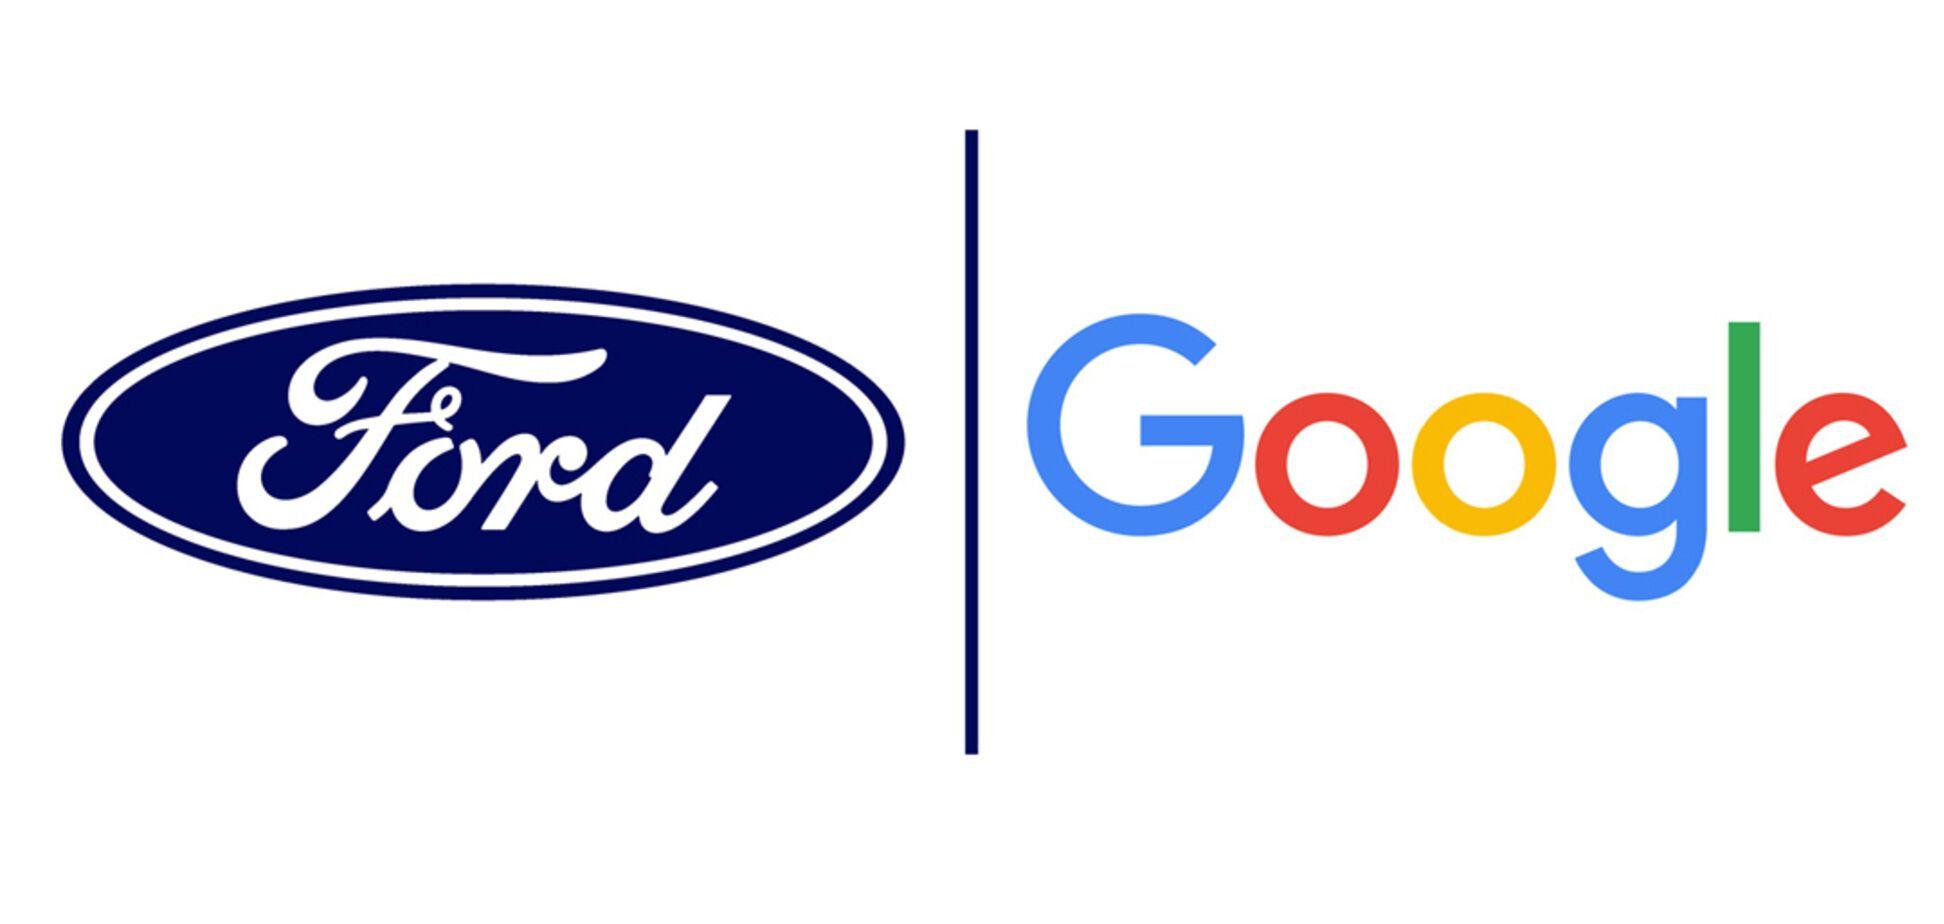 Ford и Google объединят усилия в области интернет-сервисов